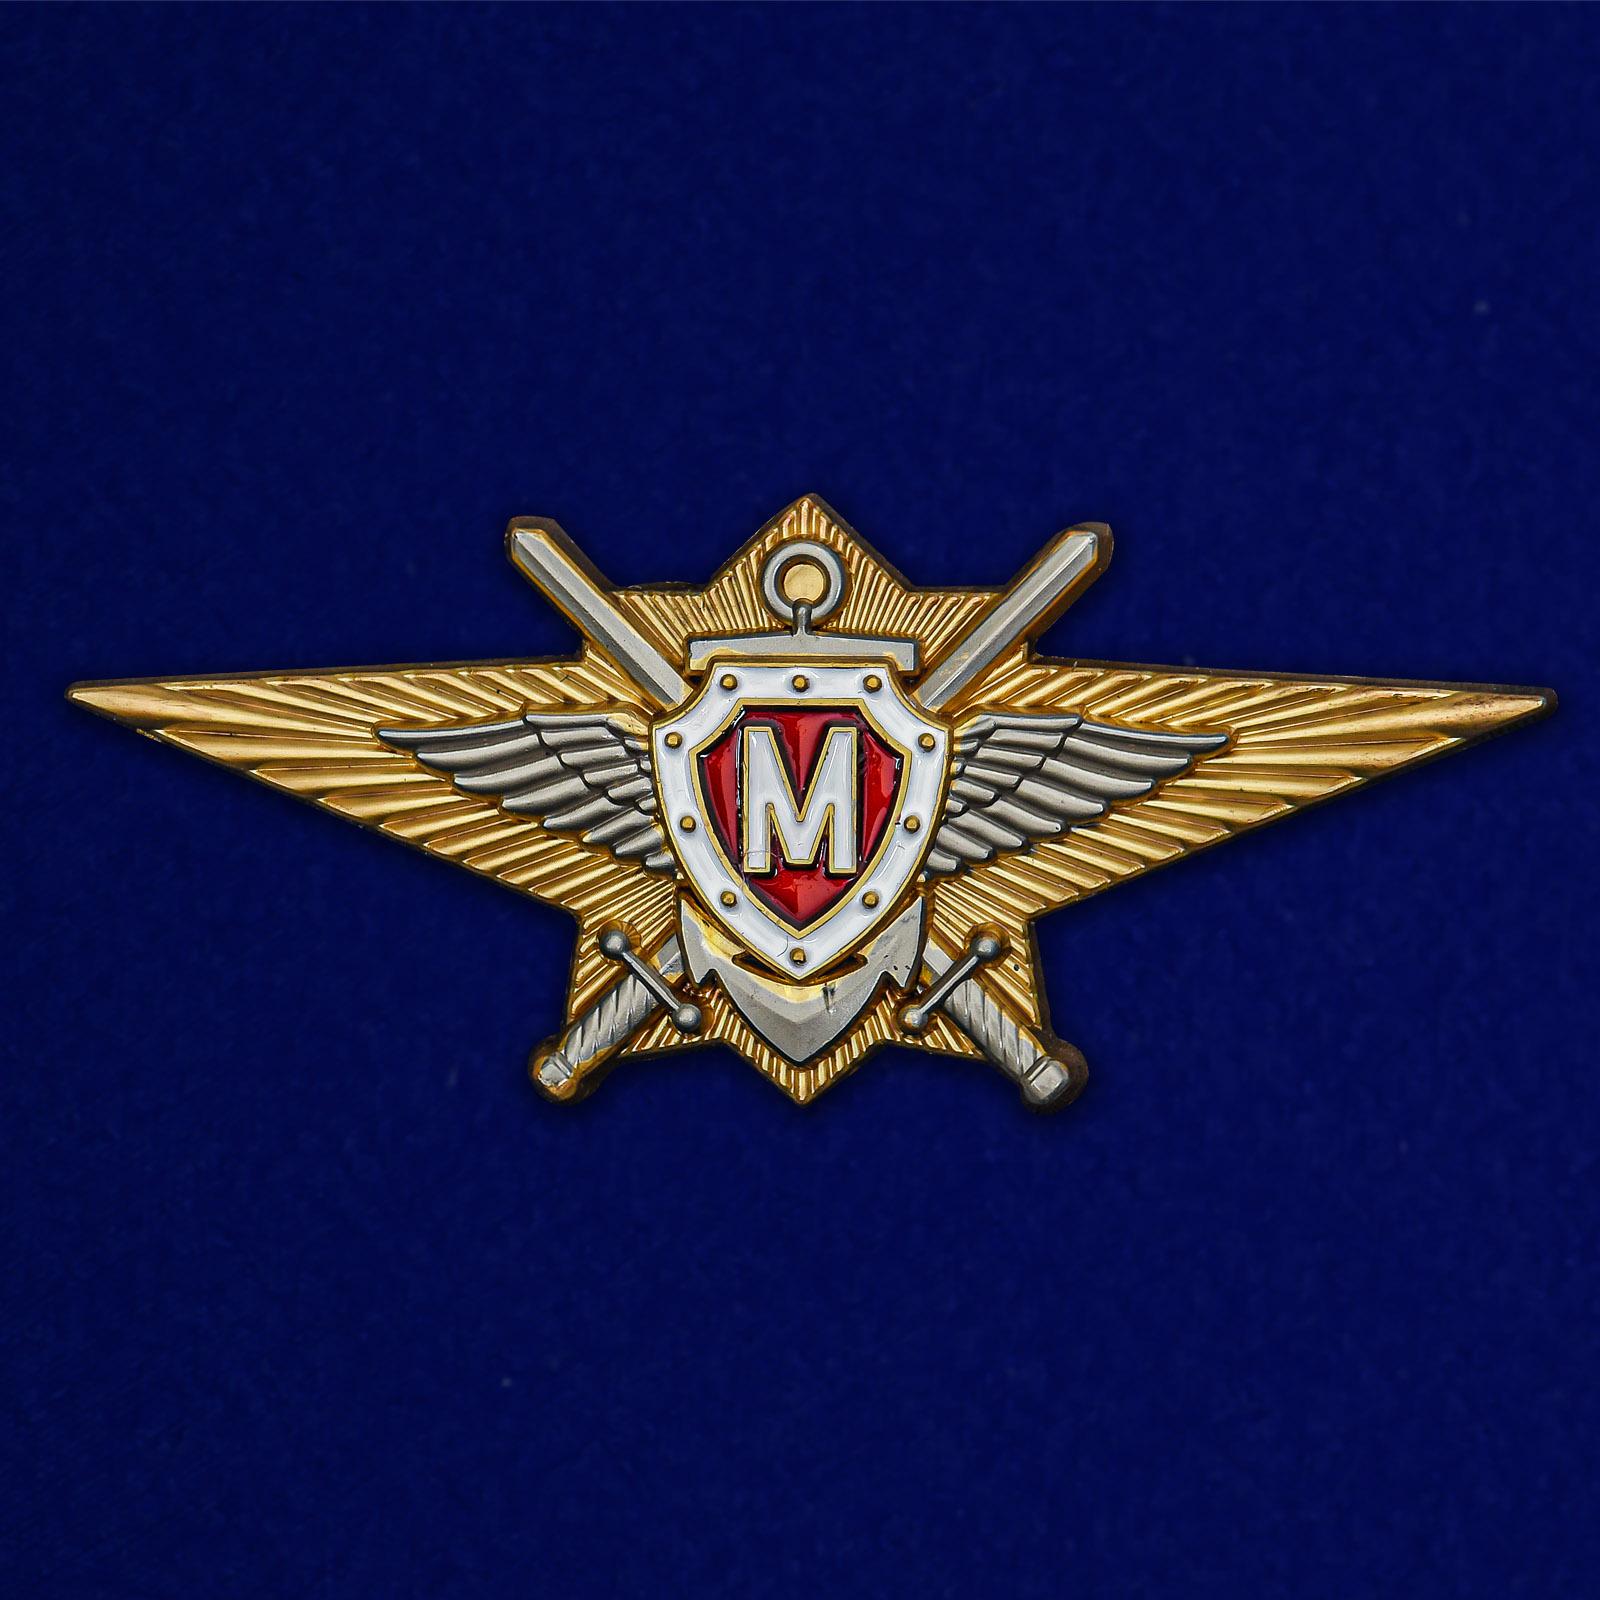 Знак Росгвардии Классная квалификация (Мастер)